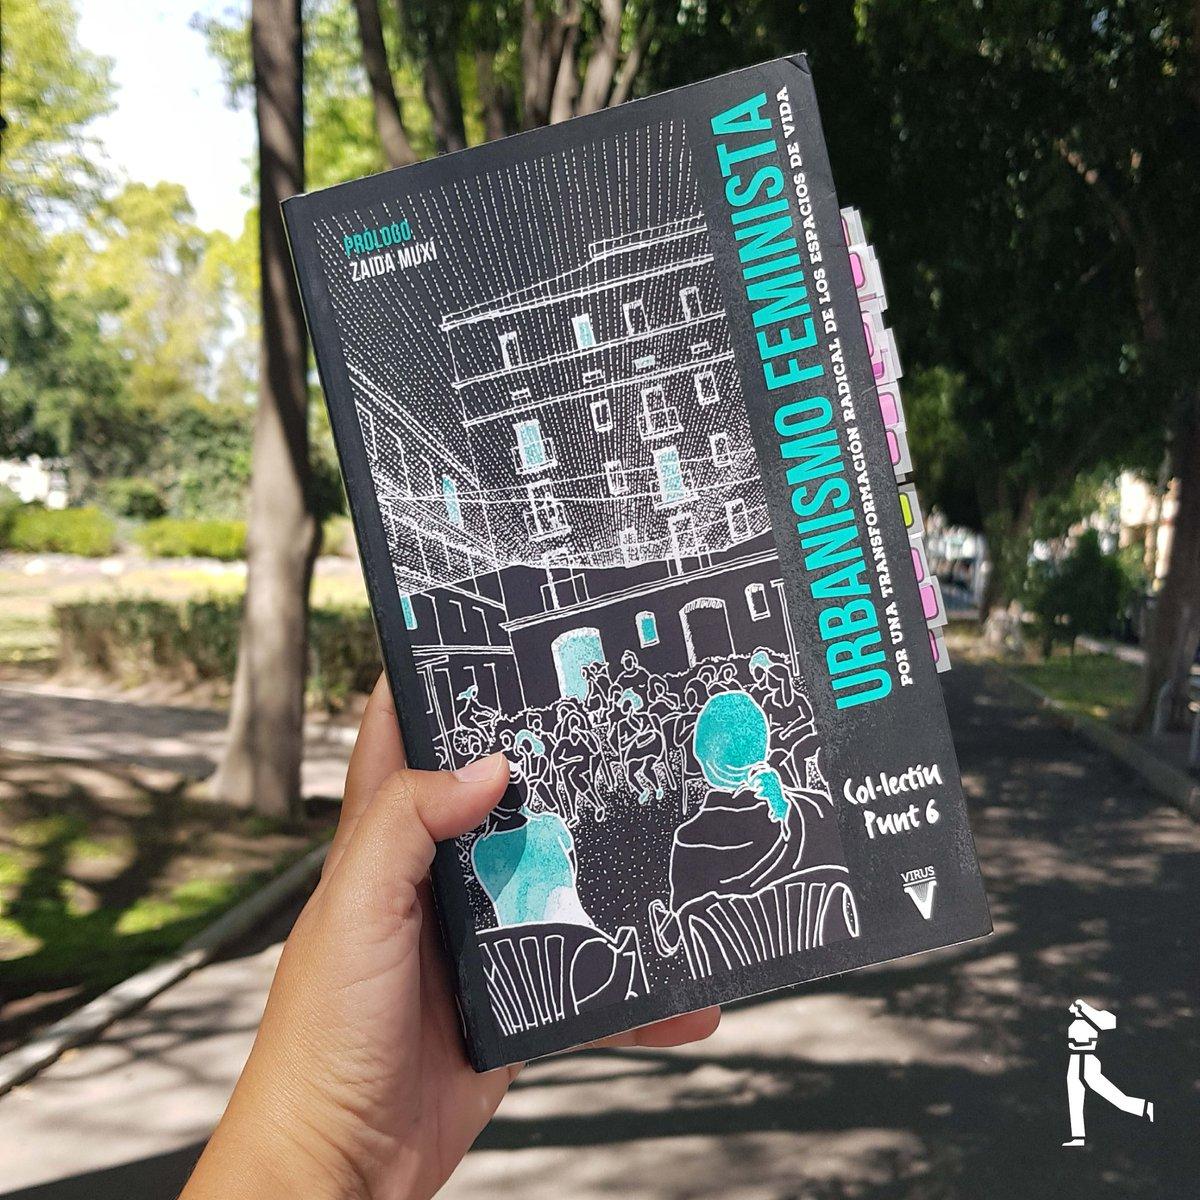 #Leganés. Interesante lectura.  No dejen de leerlo y comentarlo.